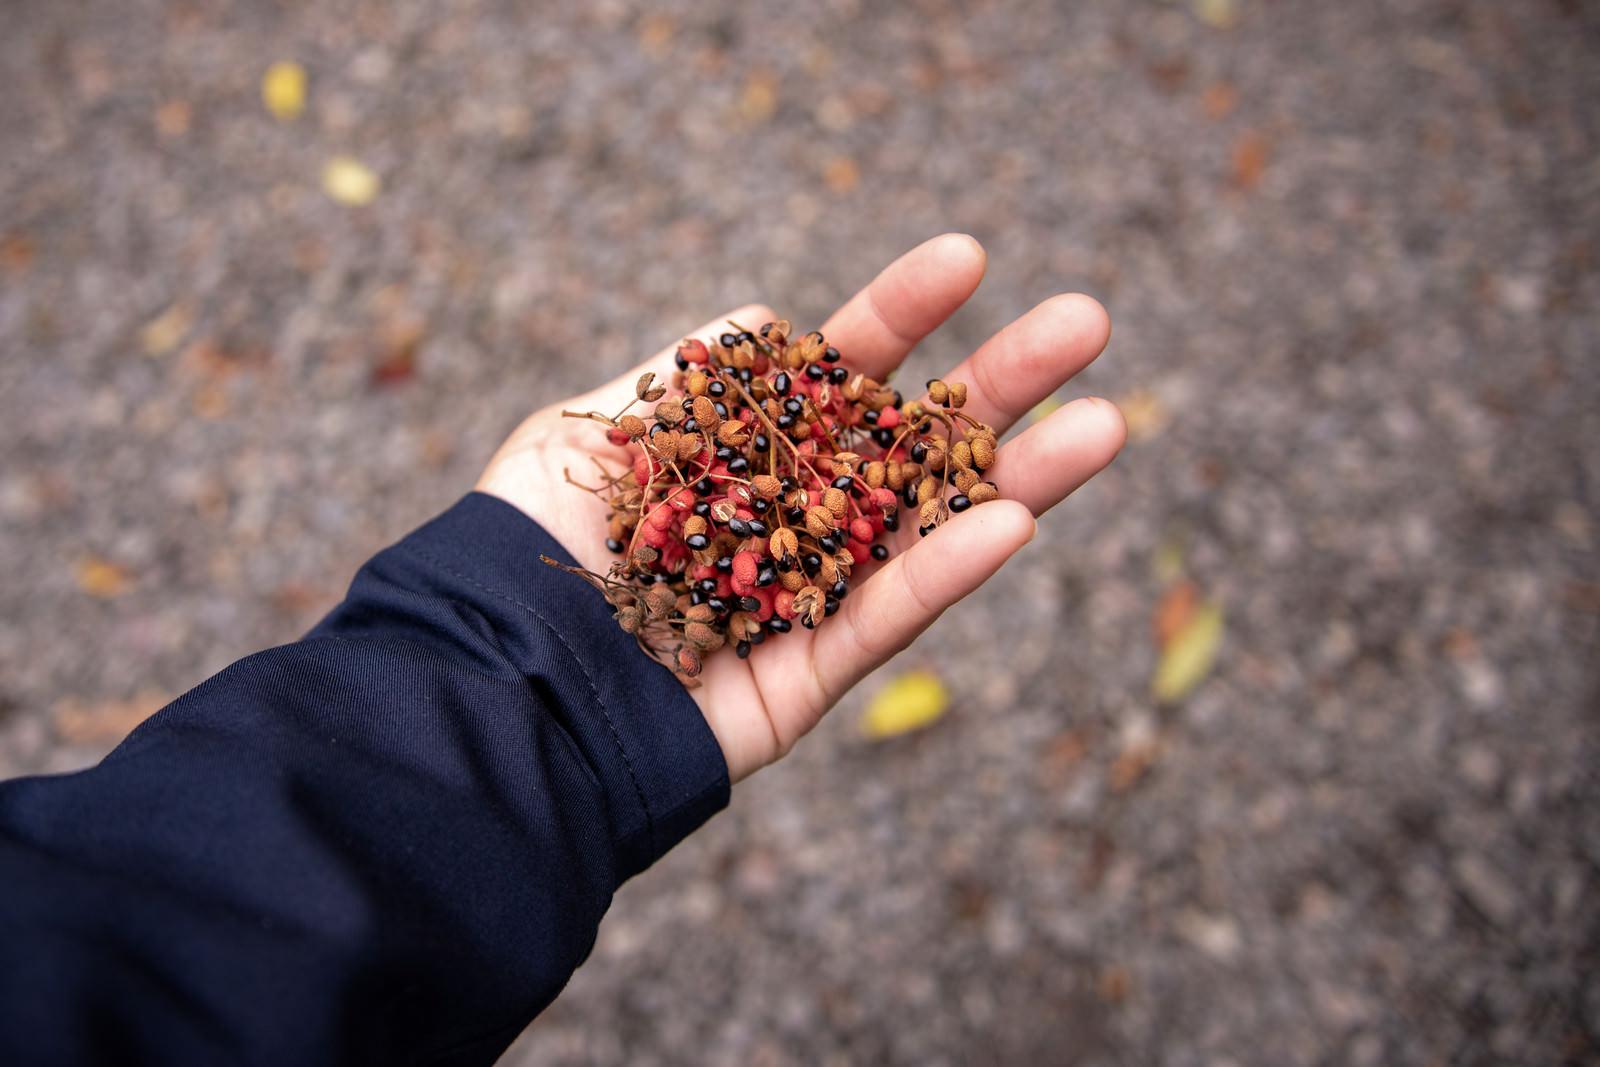 「摘んだばかりの山椒の実」の写真